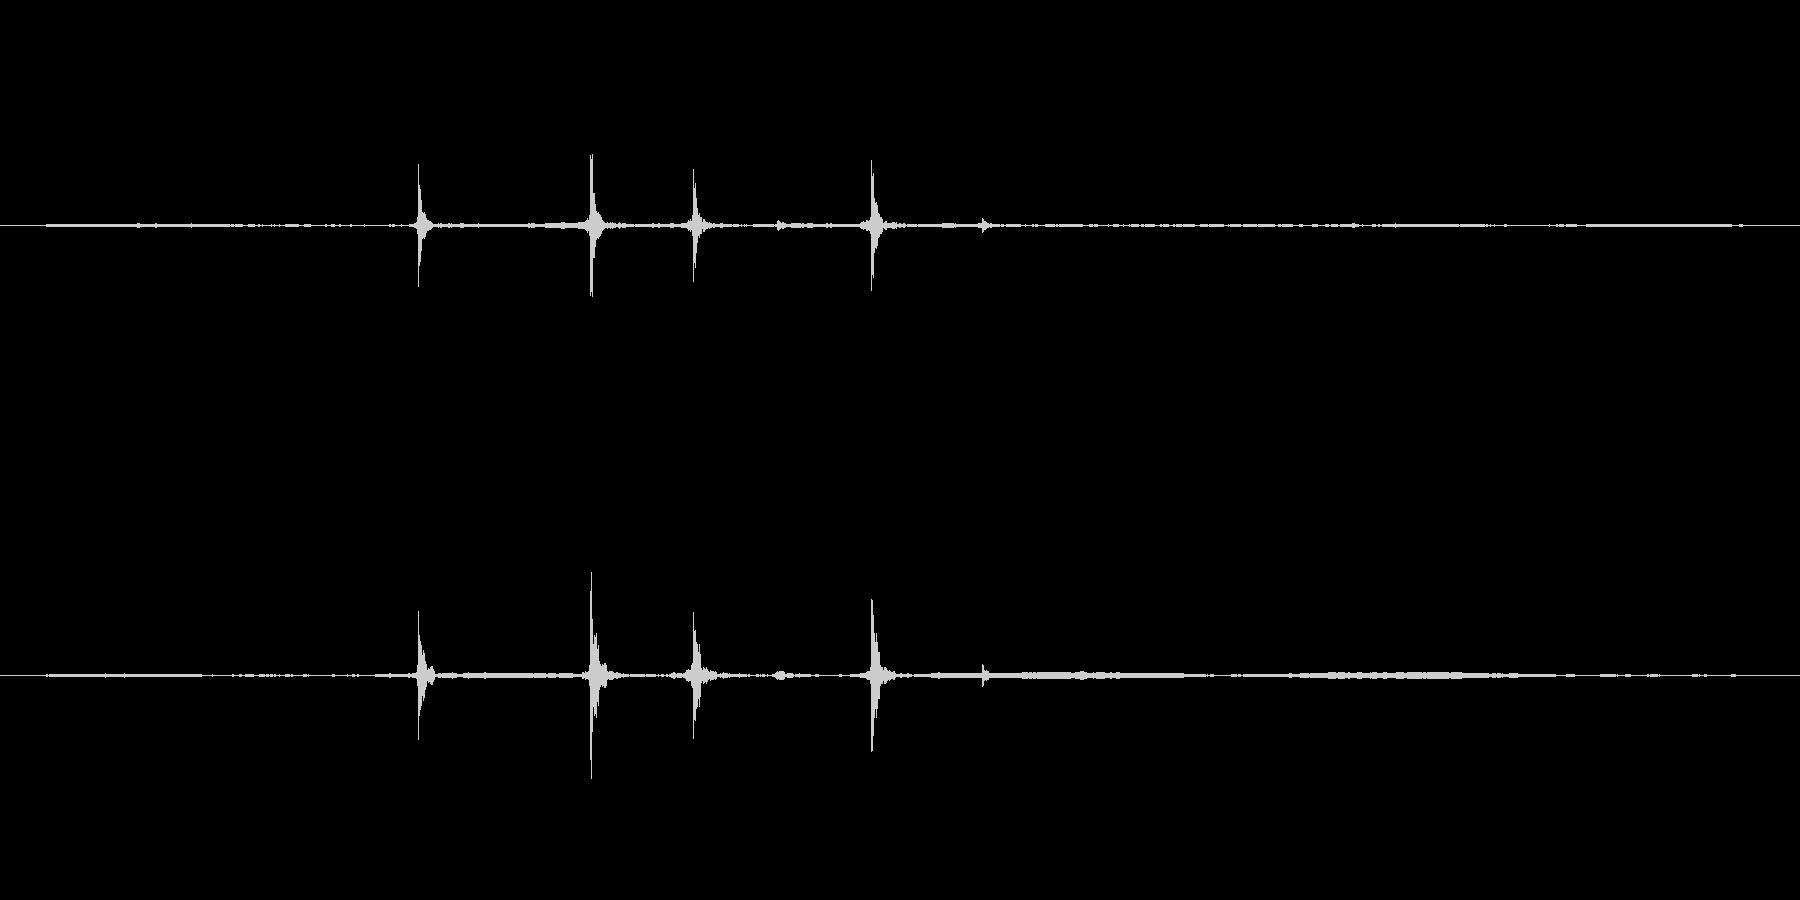 PCのマウスをダブルクリックした音ですの未再生の波形